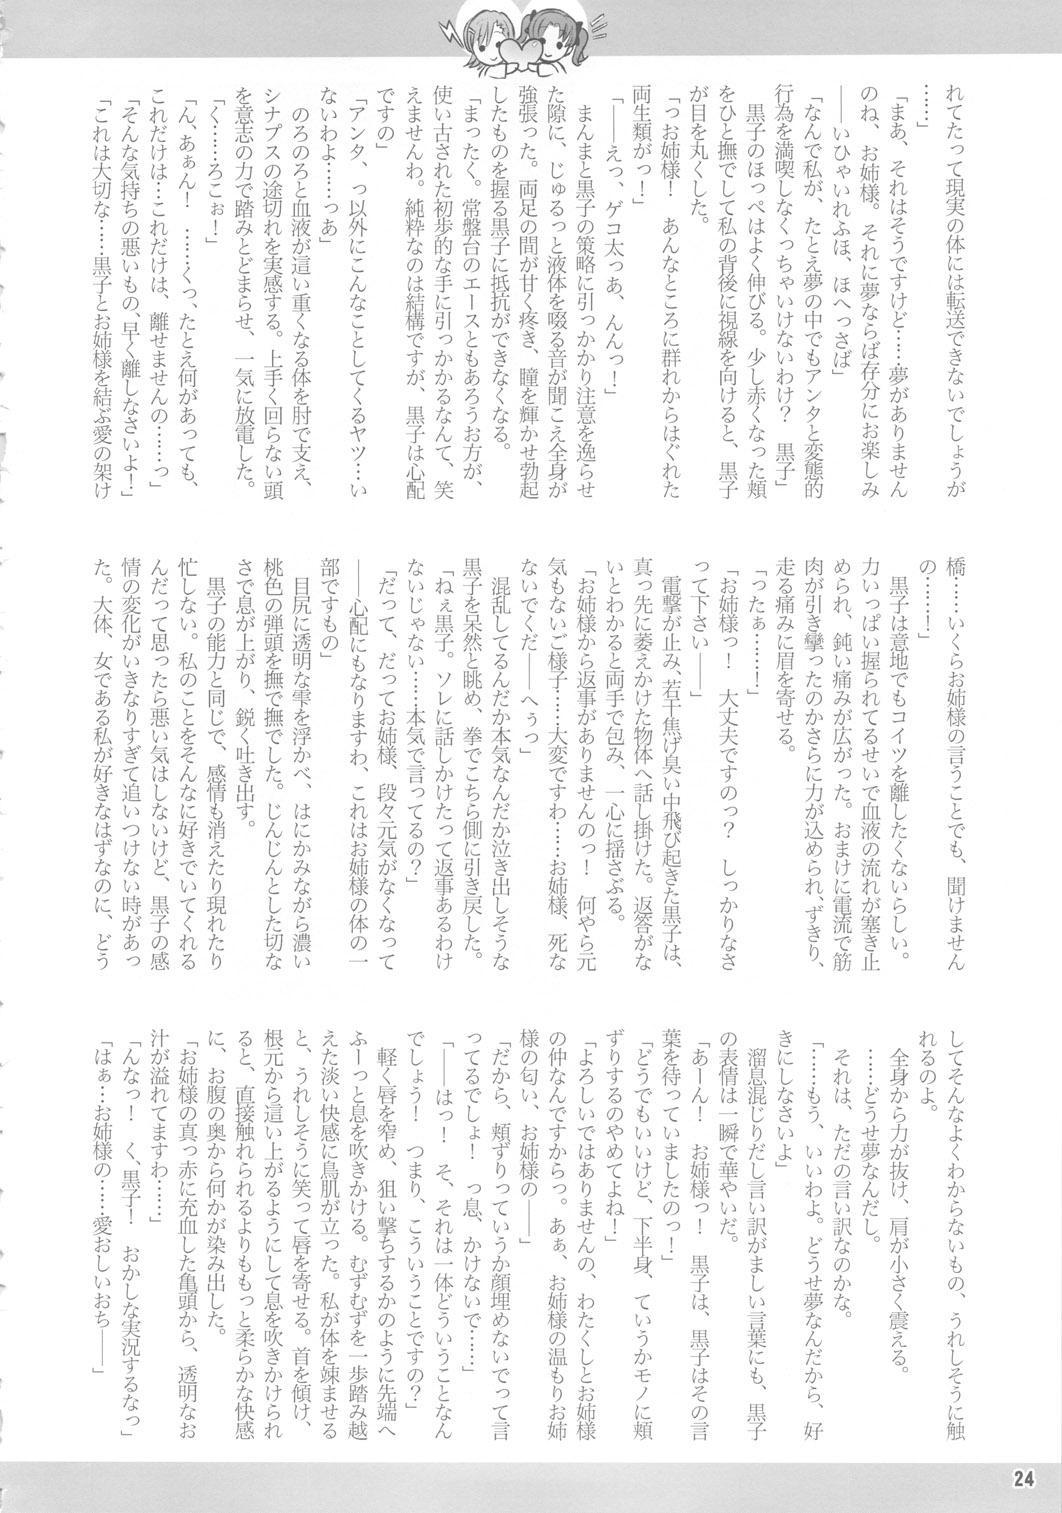 (C78) [Arsenothelus (Rebis)] Toaru Kuroko no Mikoto Kanzen Kouryaku (Toaru Kagaku no Railgun) [English] <desudesu> 22